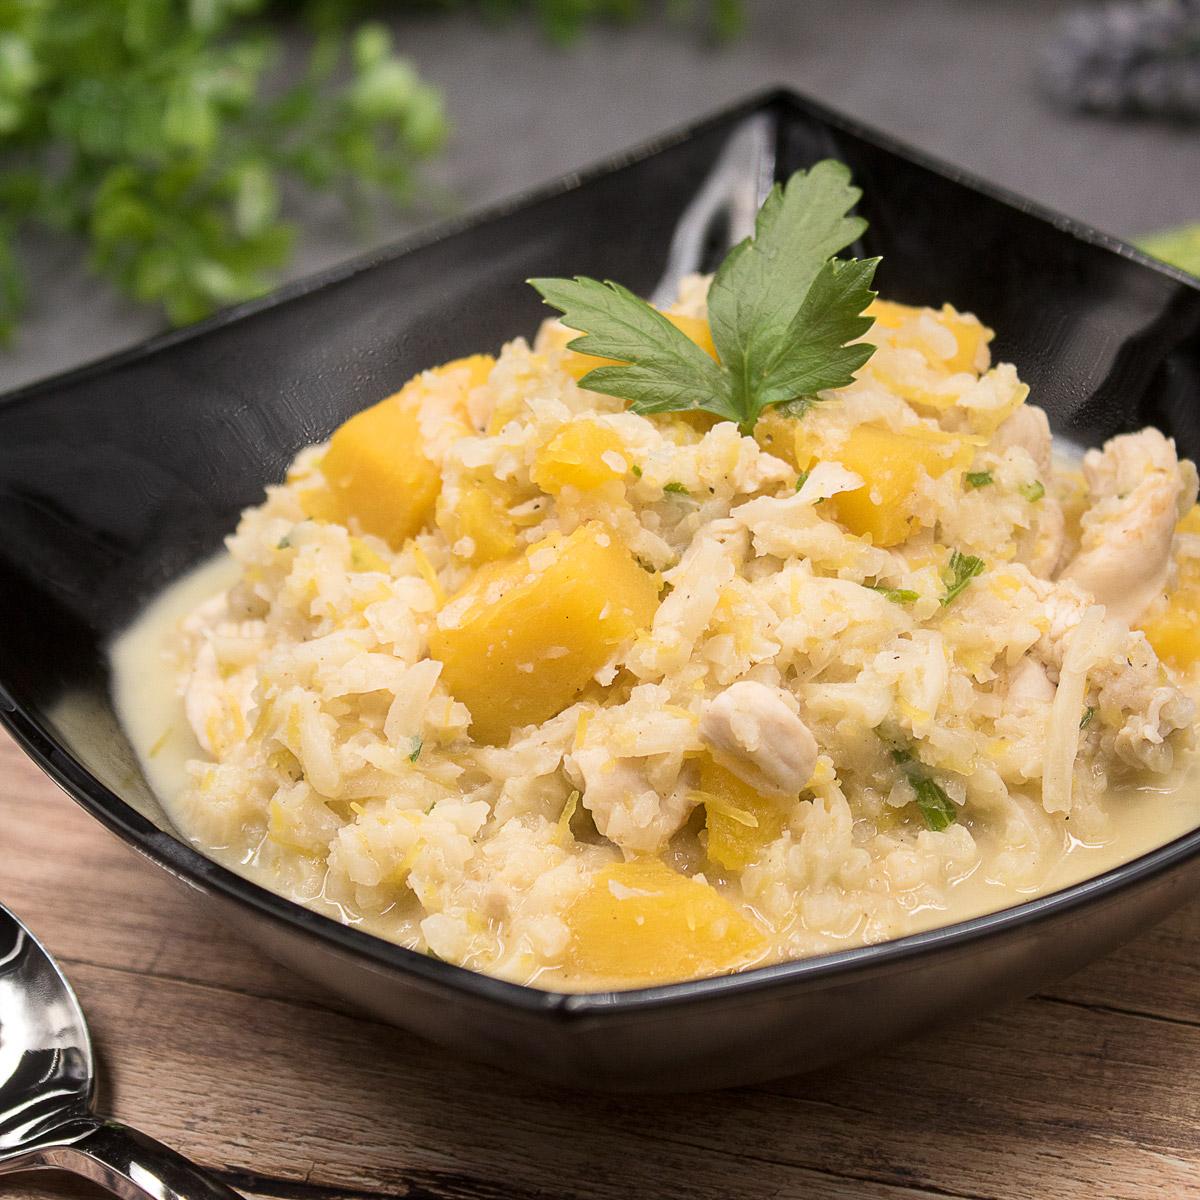 Das Blumenkohl-Risotto mit Kürbisstücken ist ein perfektes Herbstgericht. Es ist gesund, Low Carb und glutenfrei.